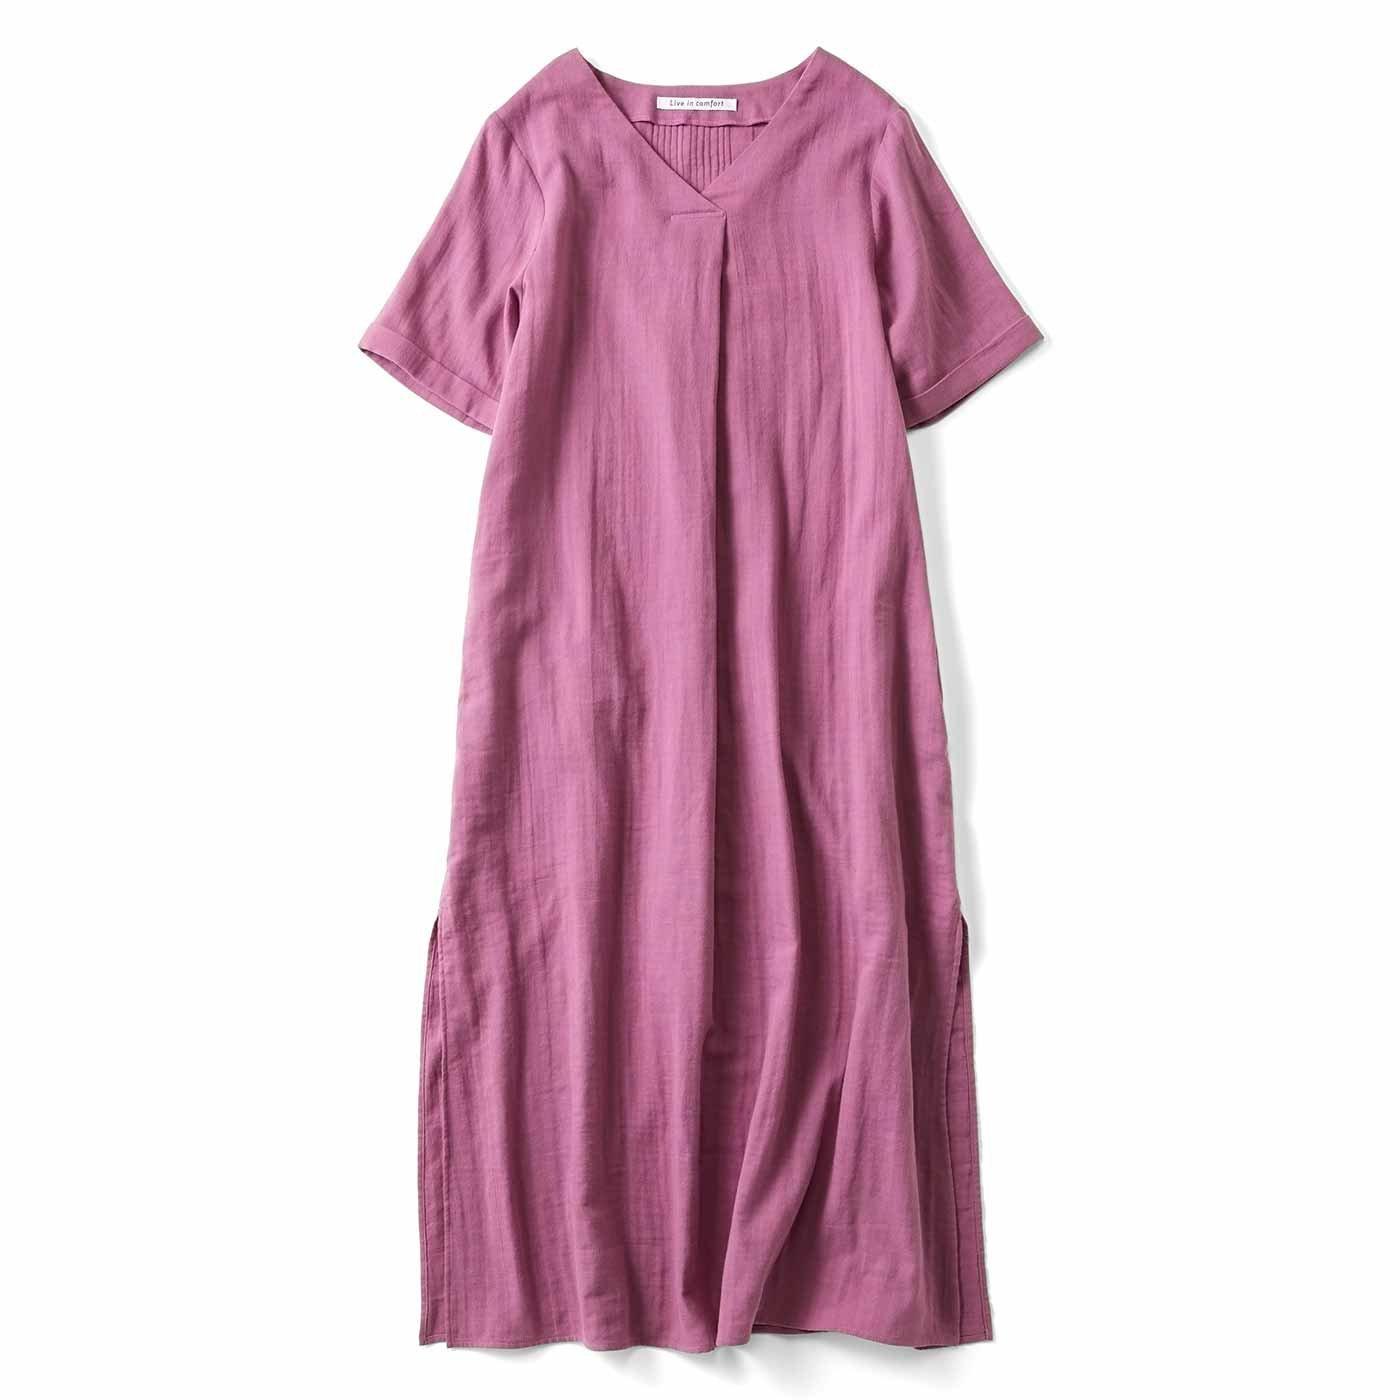 リブ イン コンフォート はまじとコラボ 着るほどにやわらかなダブルガーゼロングチュニック〈ピンク〉